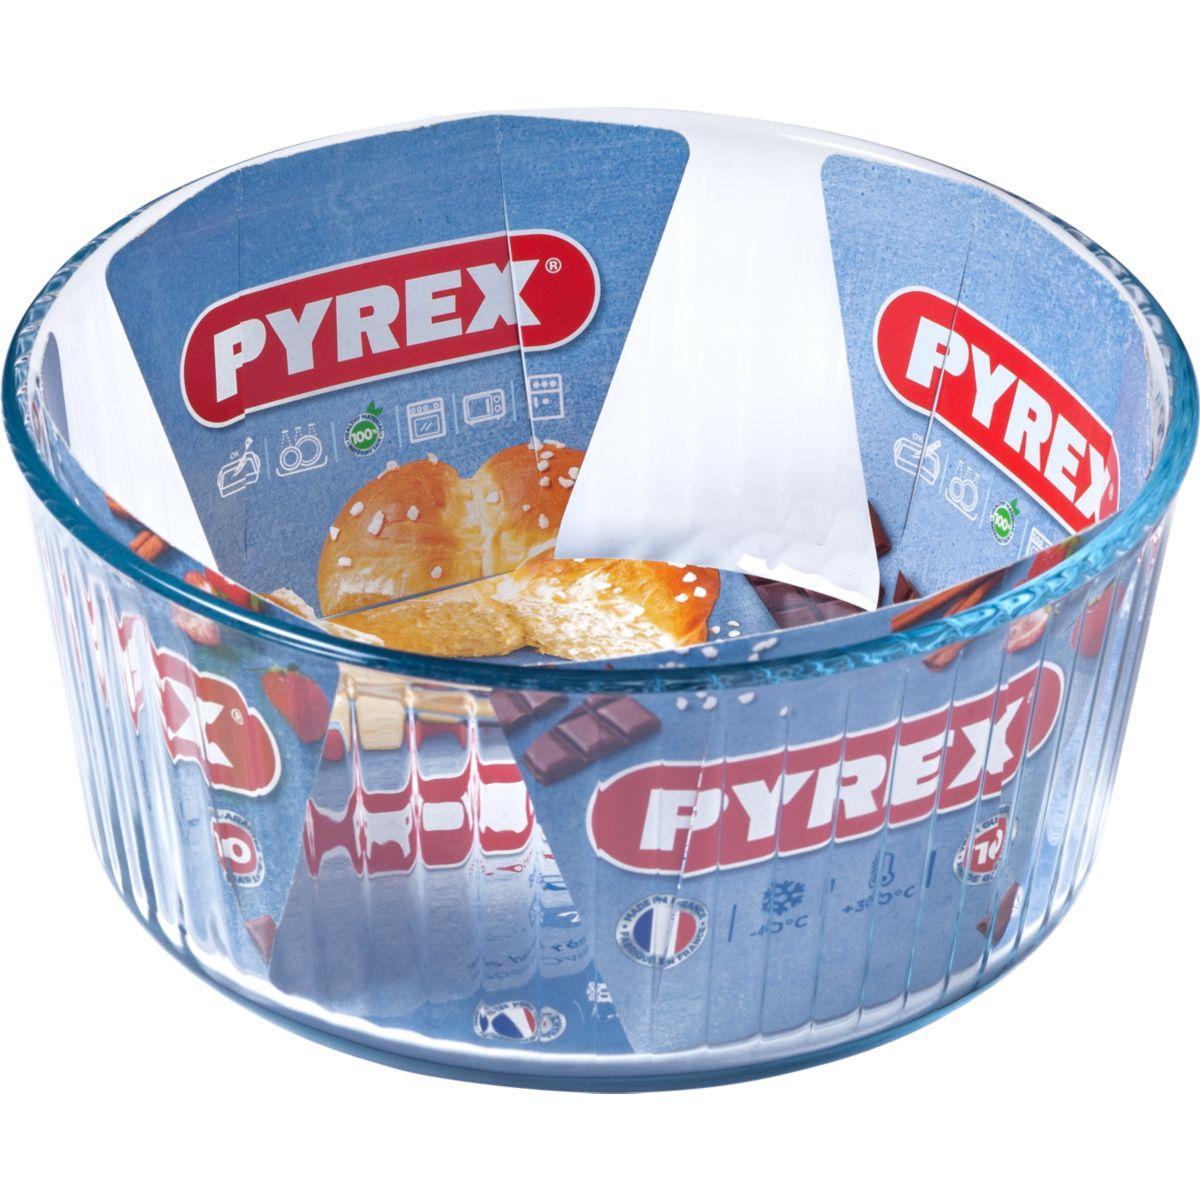 Moule en verre pyrex � souffl� diam 21 cm classic - 10% de remise imm�diate avec le code : automne10 (photo)